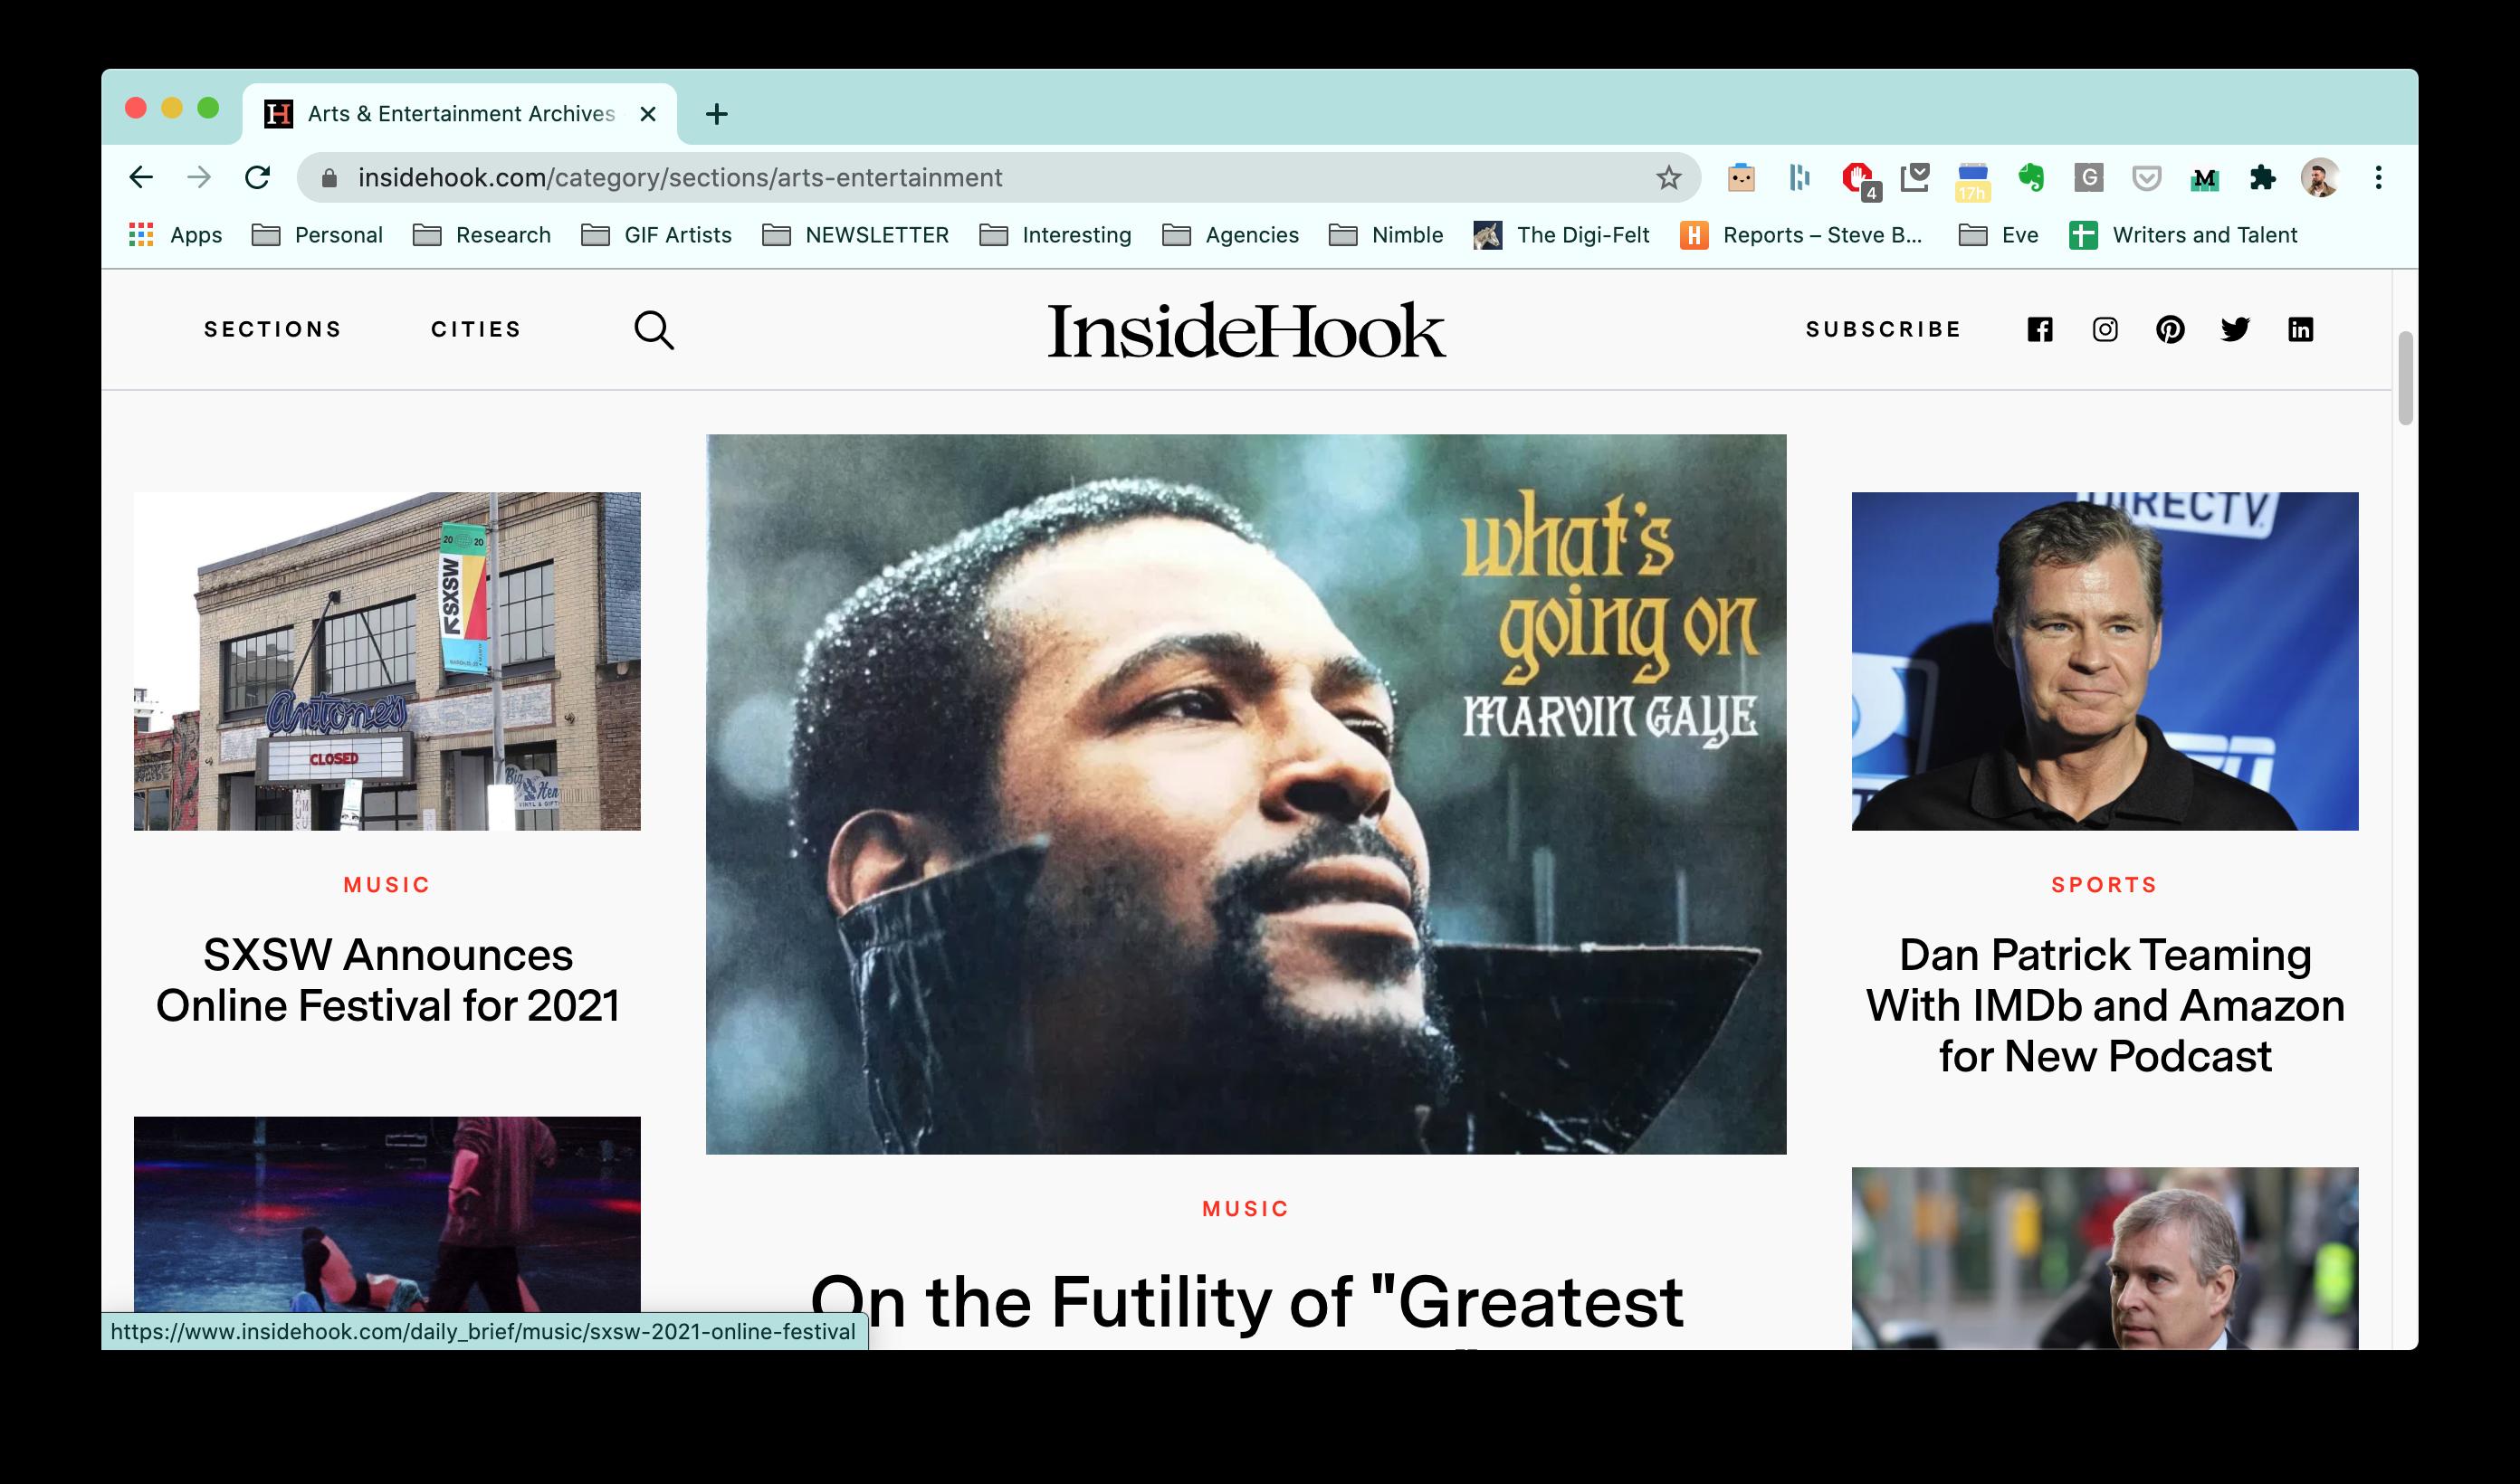 InsideHook Steve Bryant founding editor